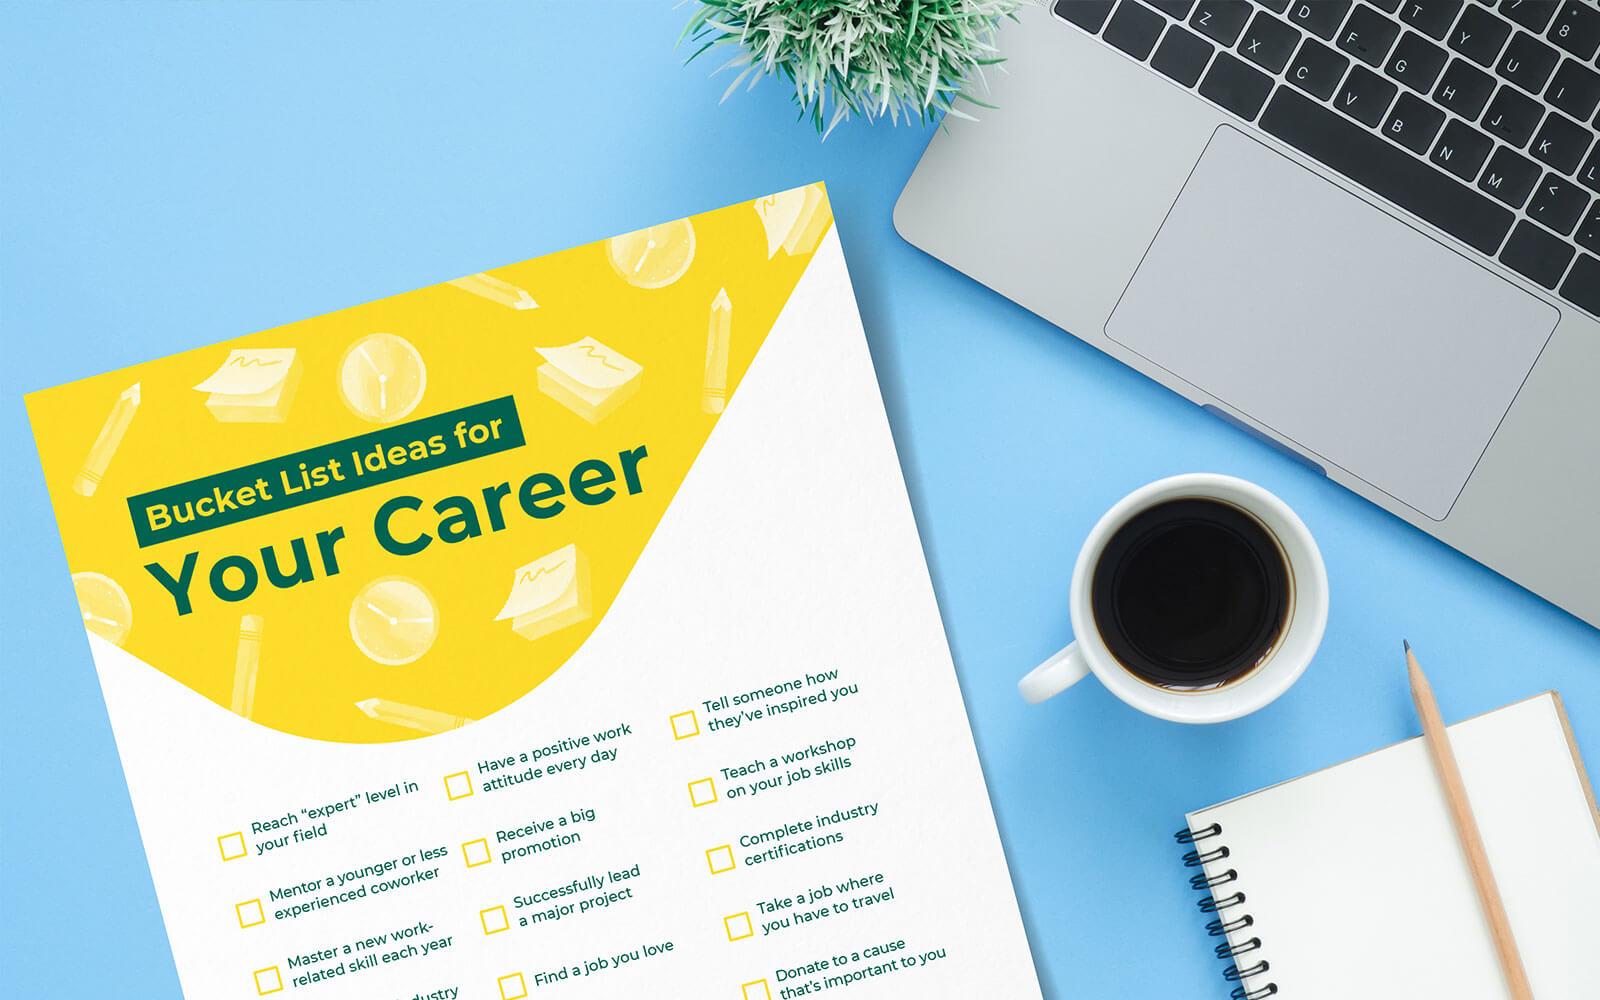 career-bucket-list ideas